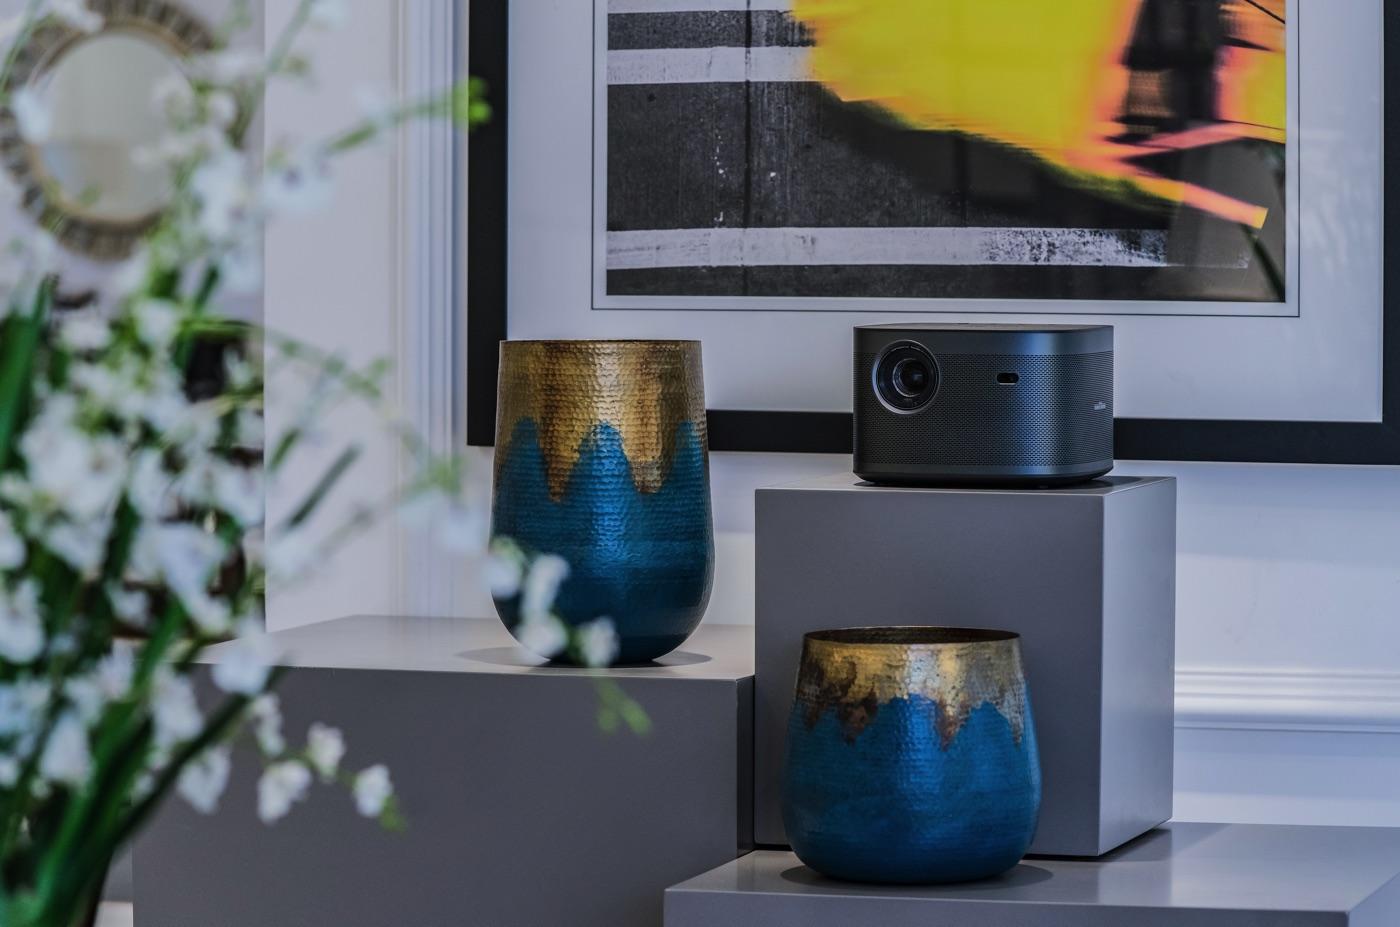 XGIMI Horizon e Horizon Pro 4K i potenti videoproiettori domestici per ogni angolo della casa